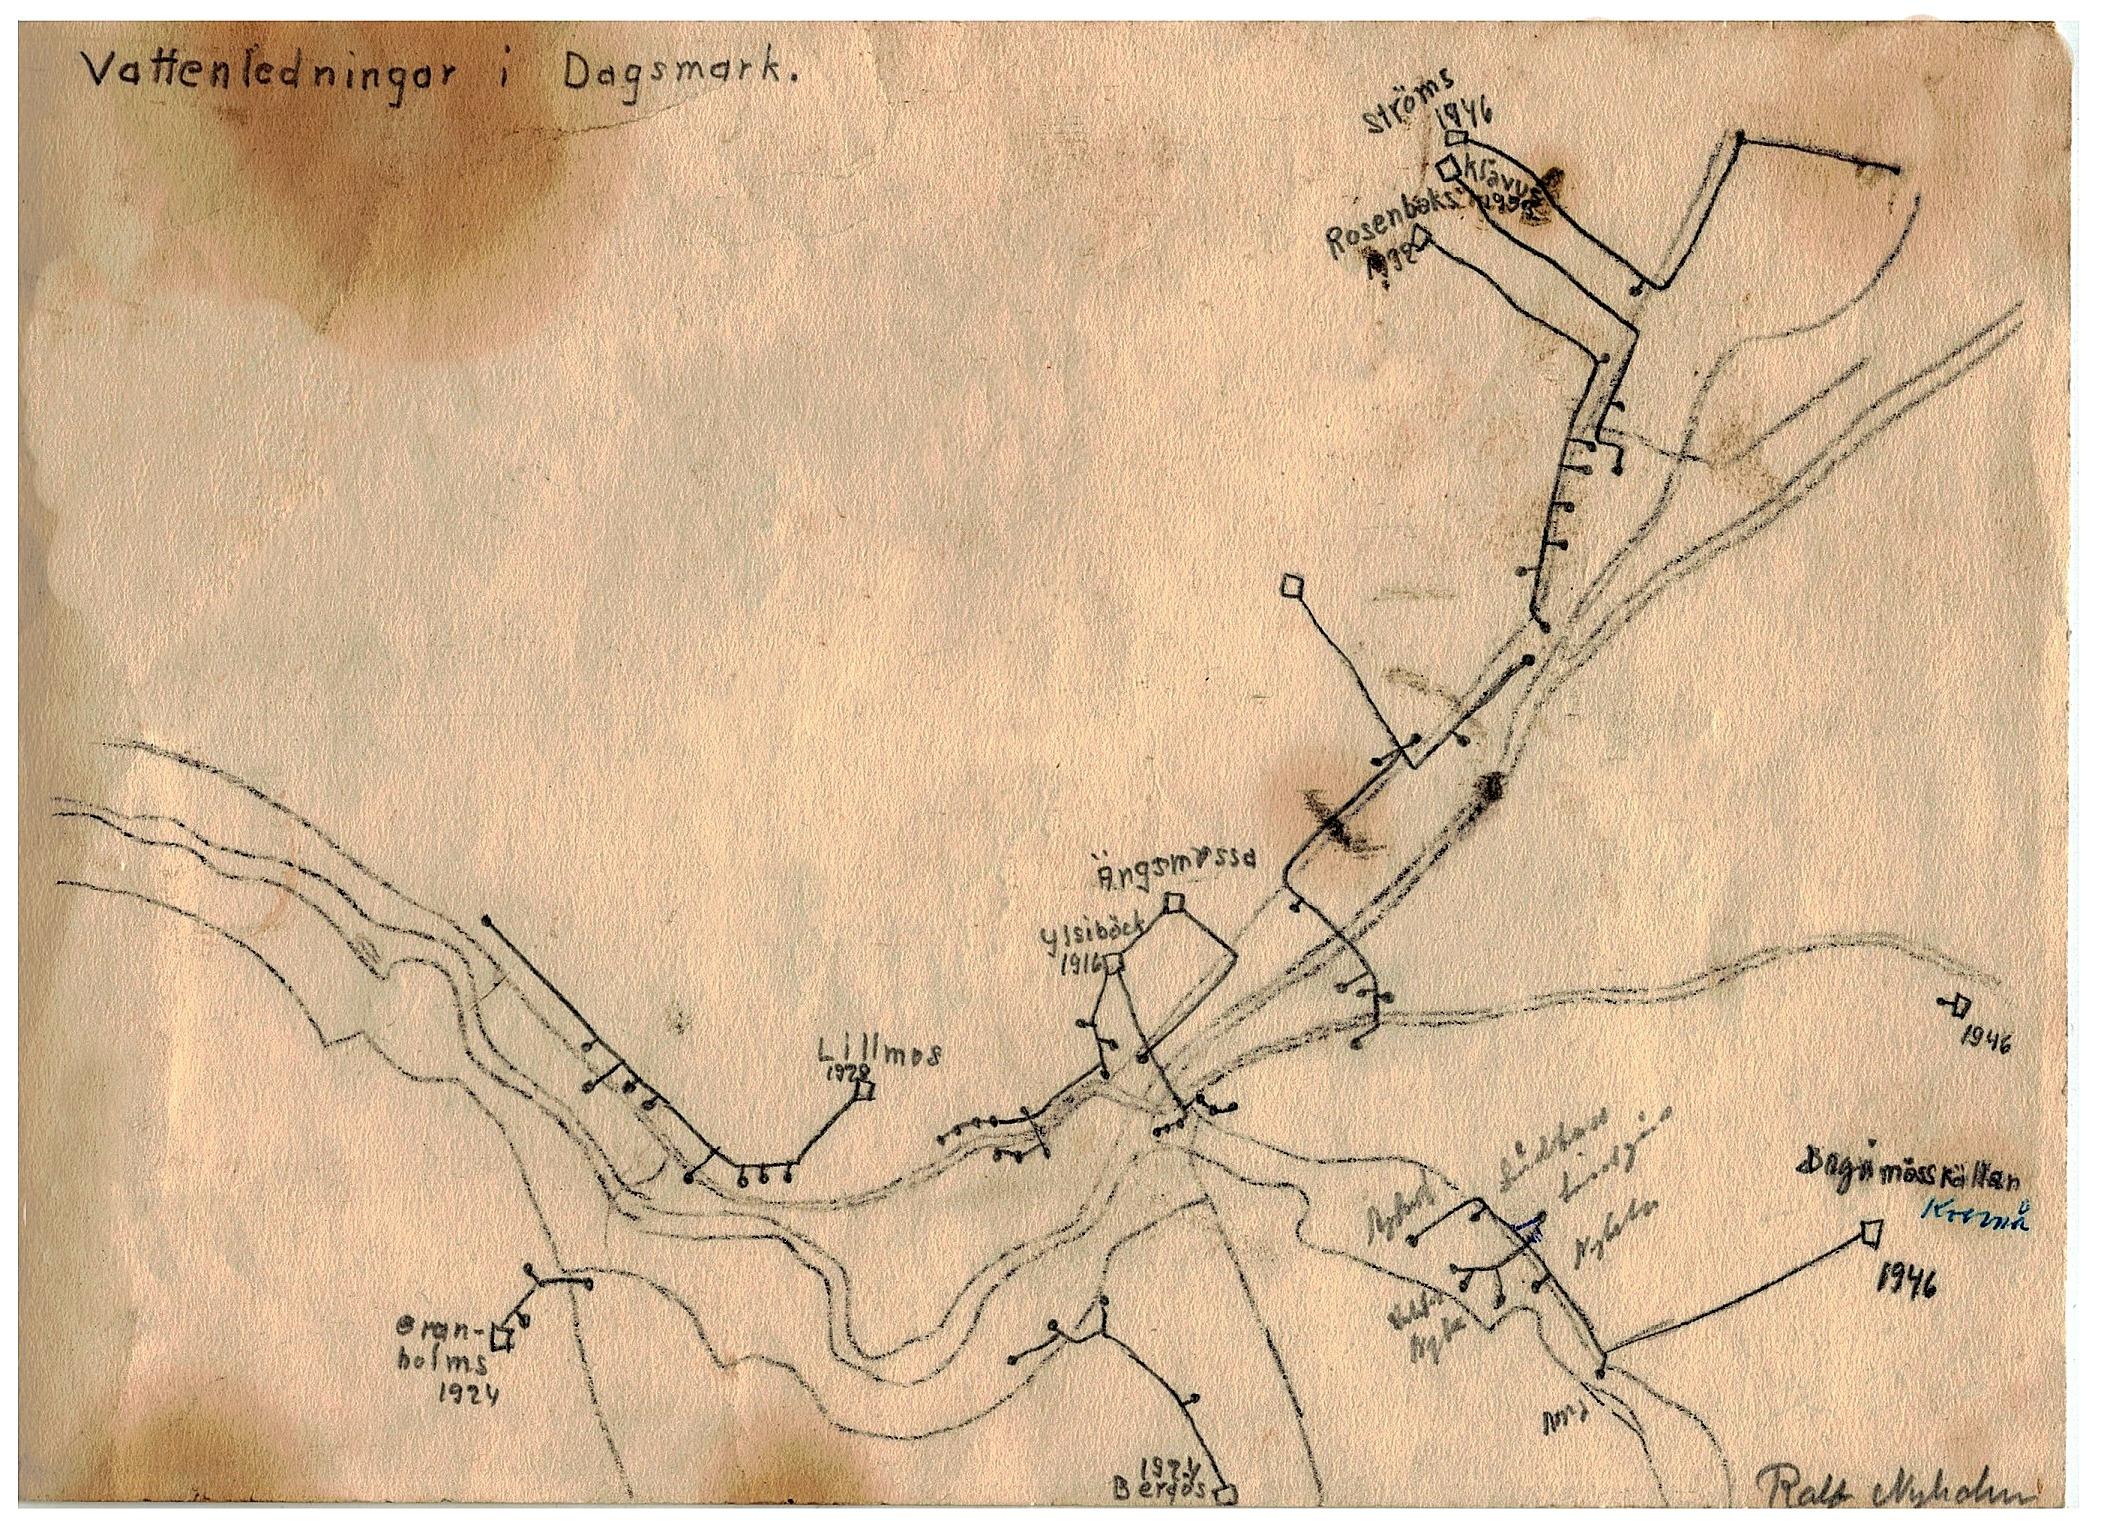 Eleverna i folkskolan gjorde på Einar Linds tid många viktiga dokumentationer. Ralf Nyholm från Kvarnå, ritade bland annat denna karta i början på 50-talet, som visar de 10 vattenledningarna som då fanns i Dagsmark. Den äldsta är från 1916, den som då kallades för Ylsöbäcks och i dag kallas för Storkull Anselmas. Erik Anders Broberg gjorde på sin tid många vattenledningar i byn.